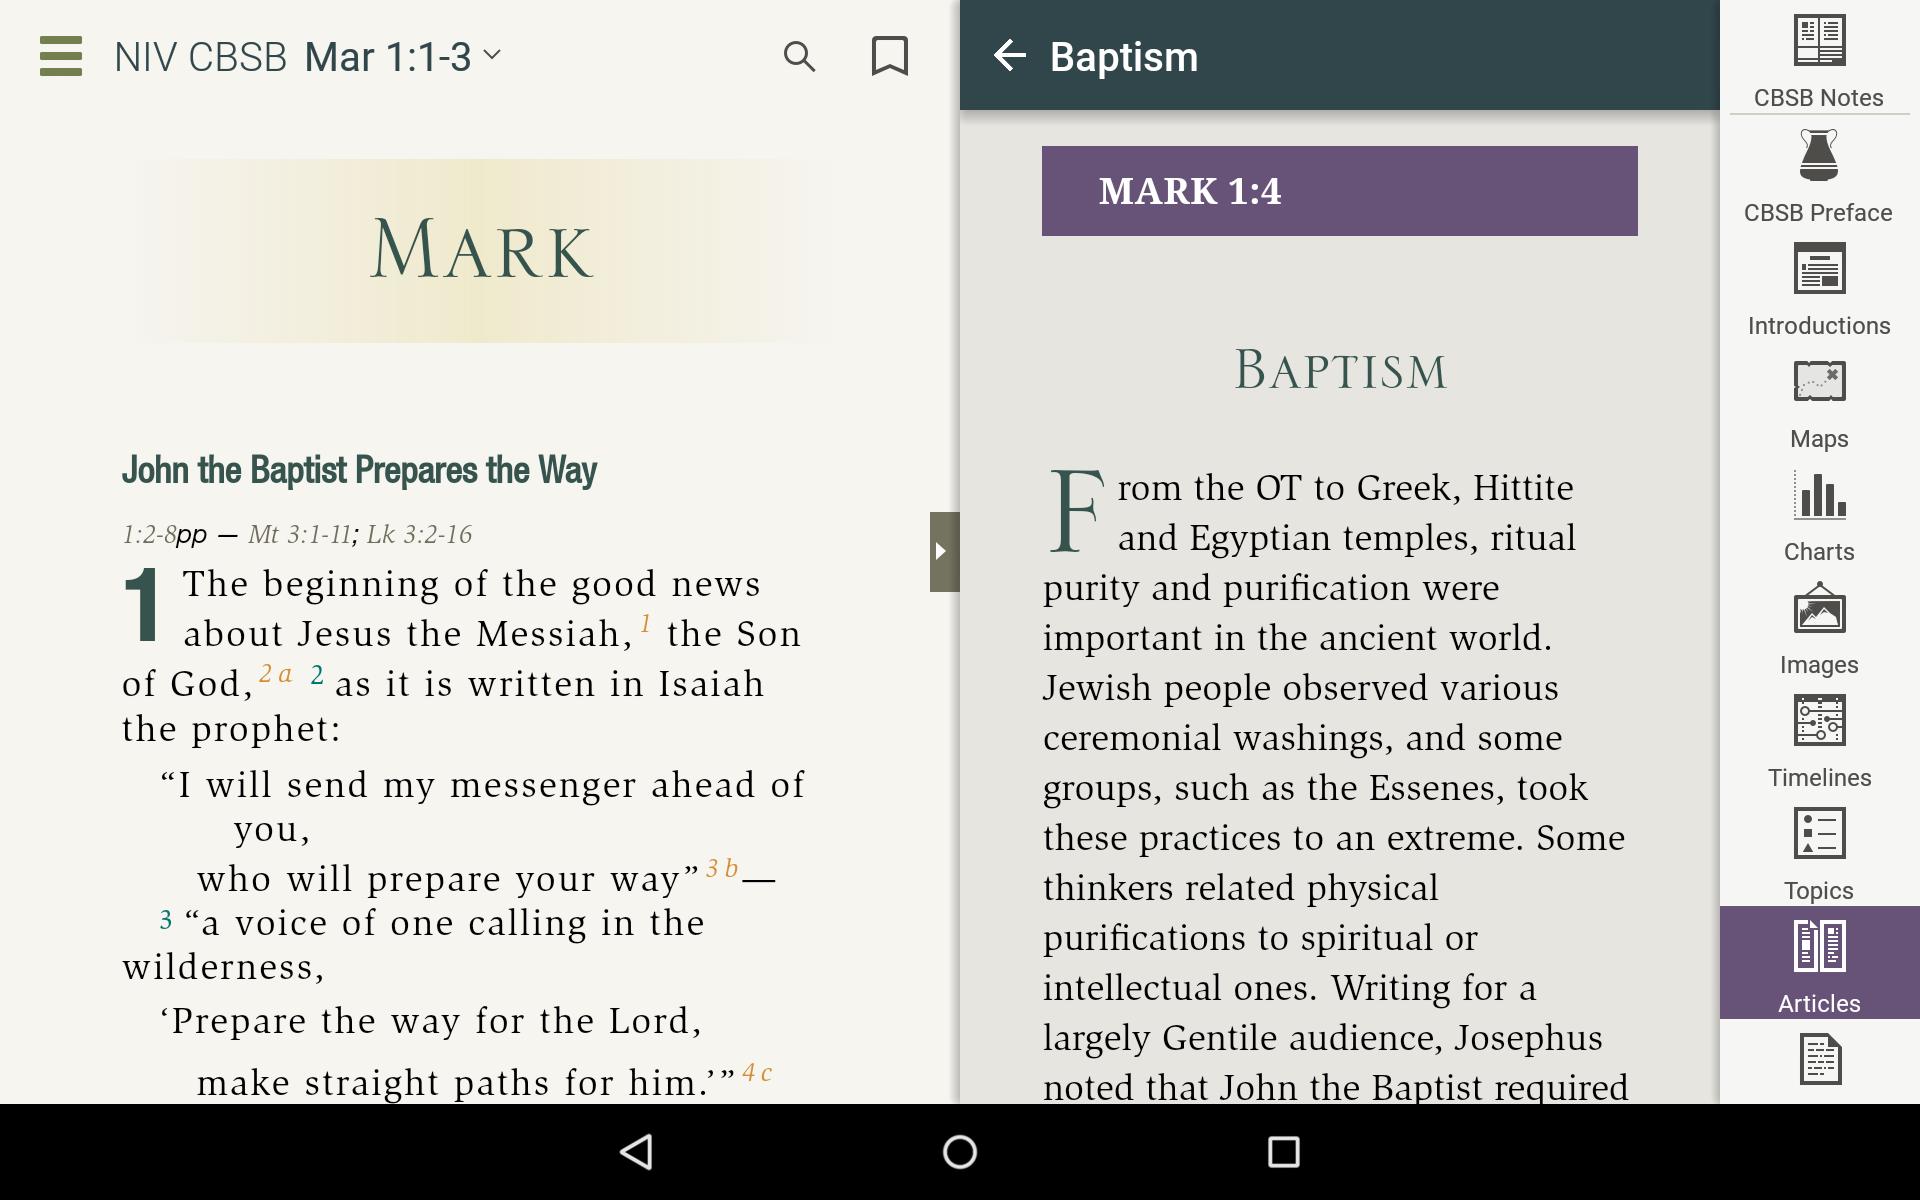 niv study bible download pdf